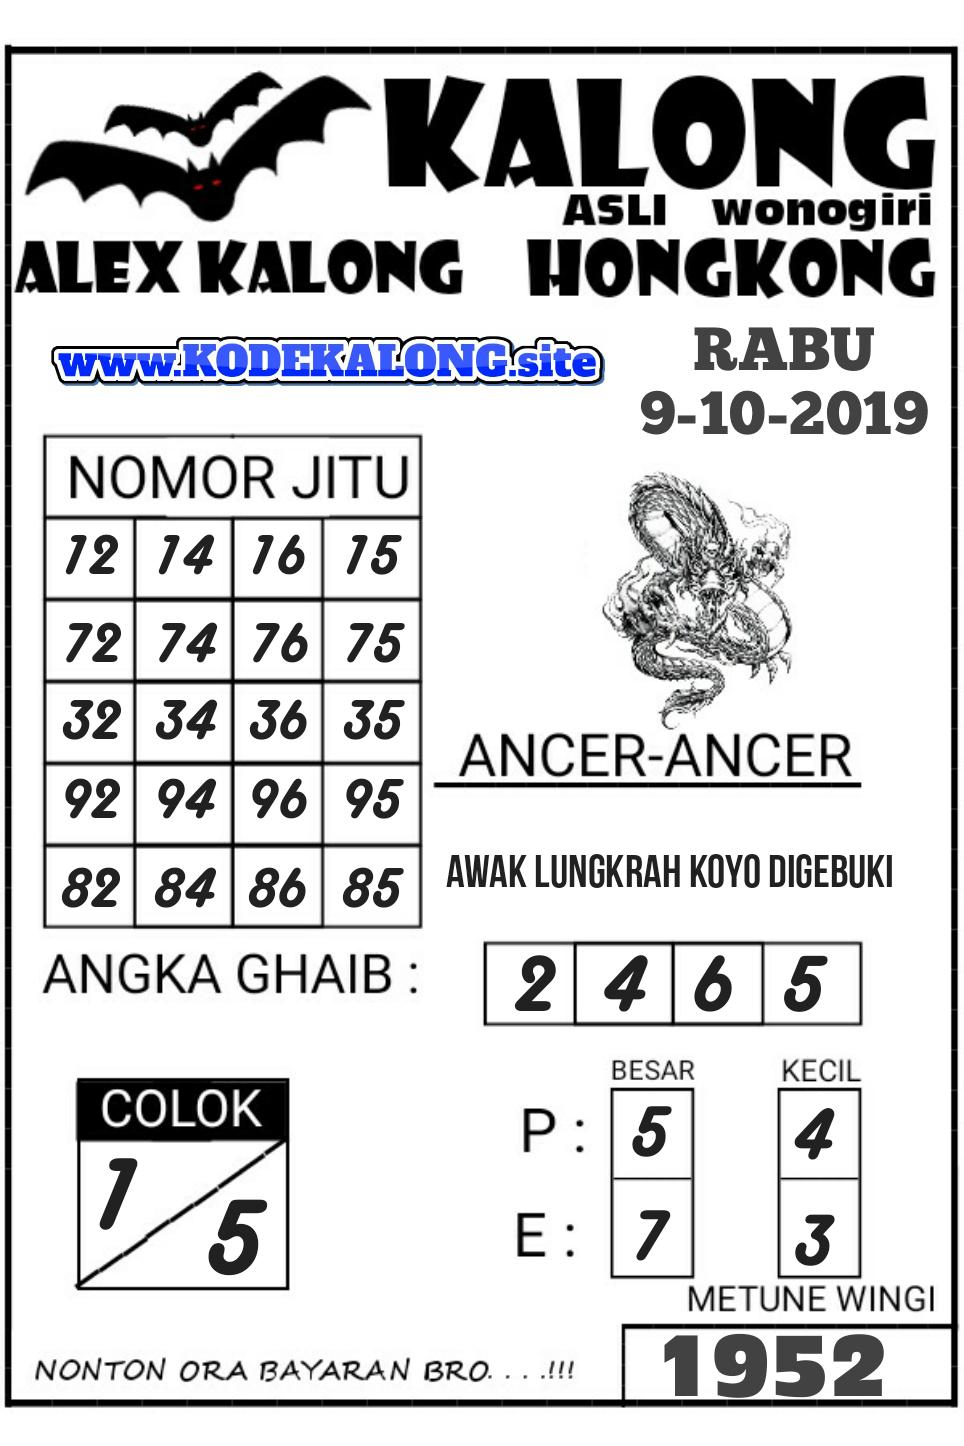 Sel-8-10-2019-23-14-18